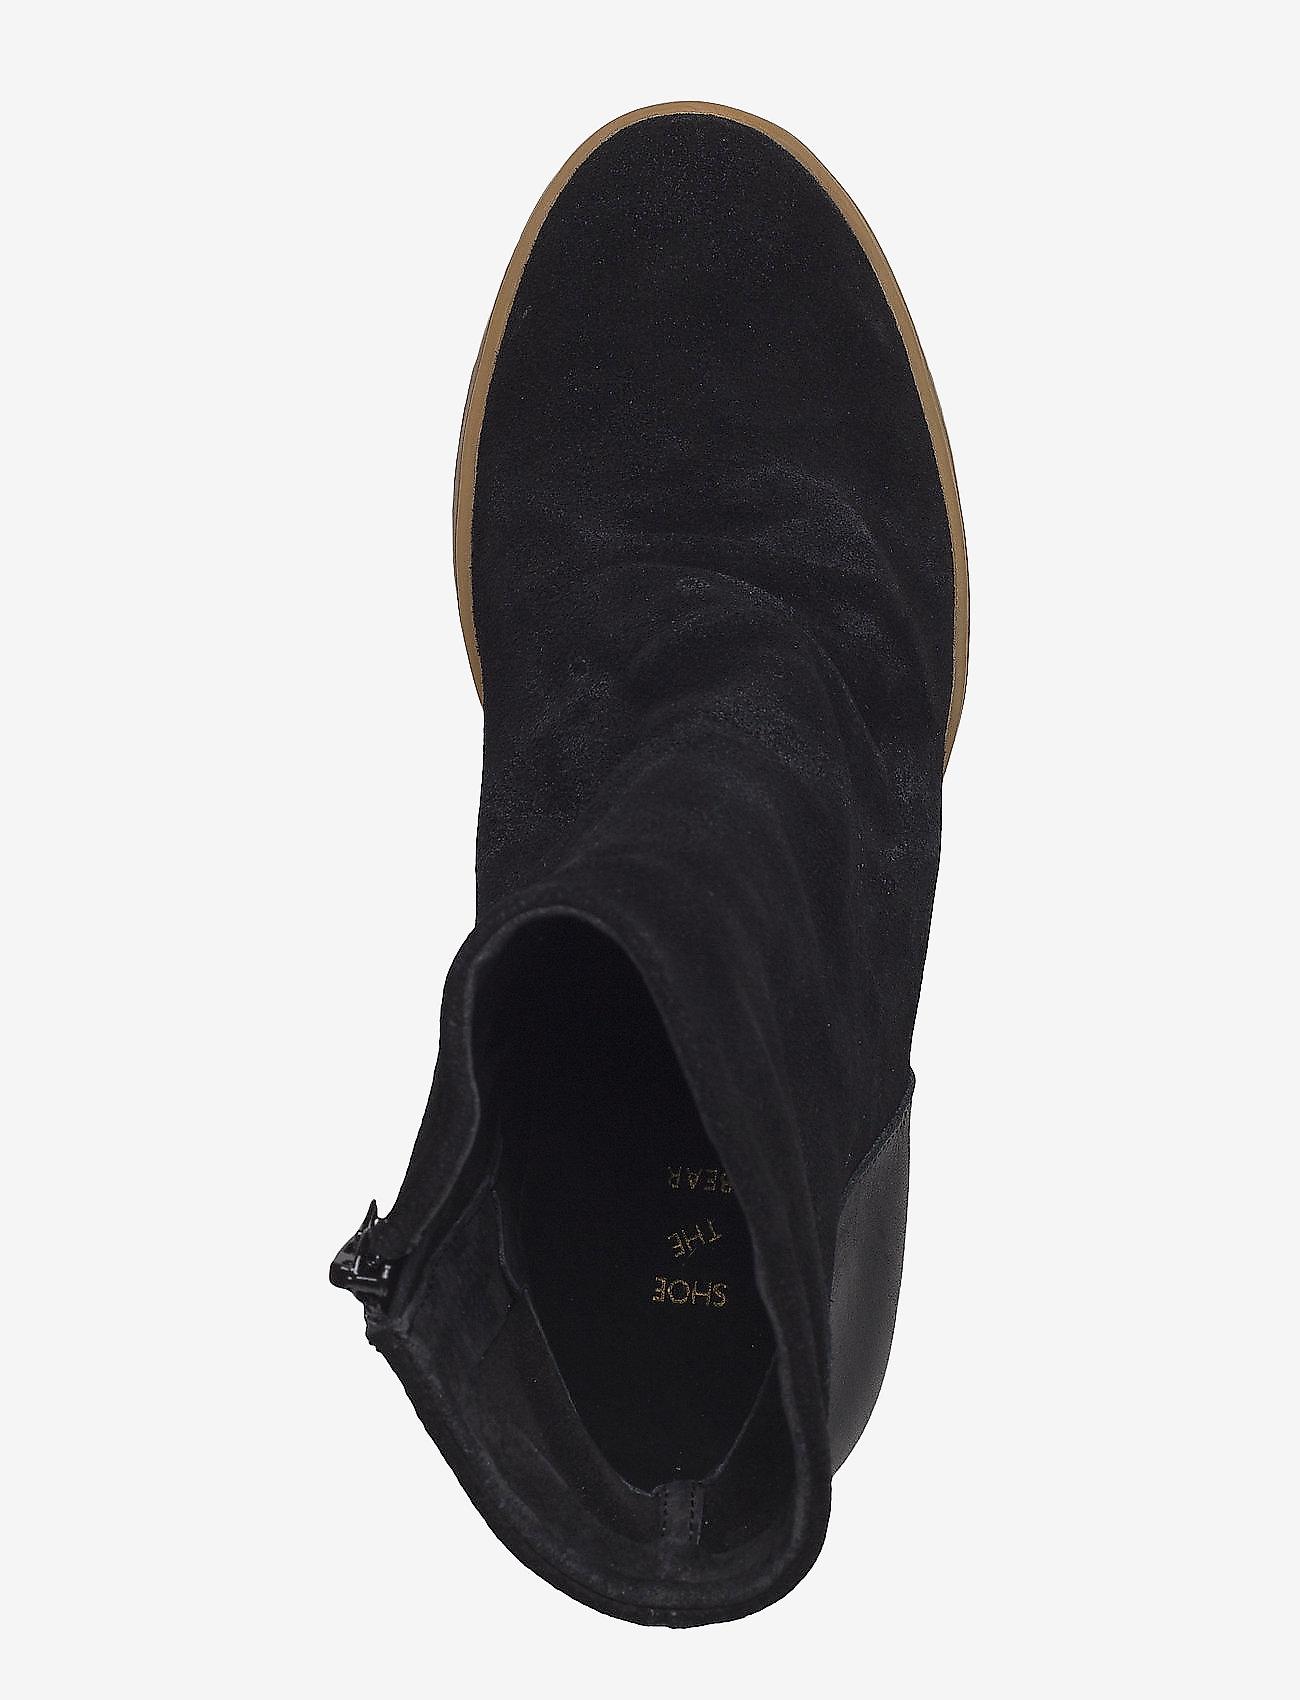 Trish S (Black) - Shoe The Bear